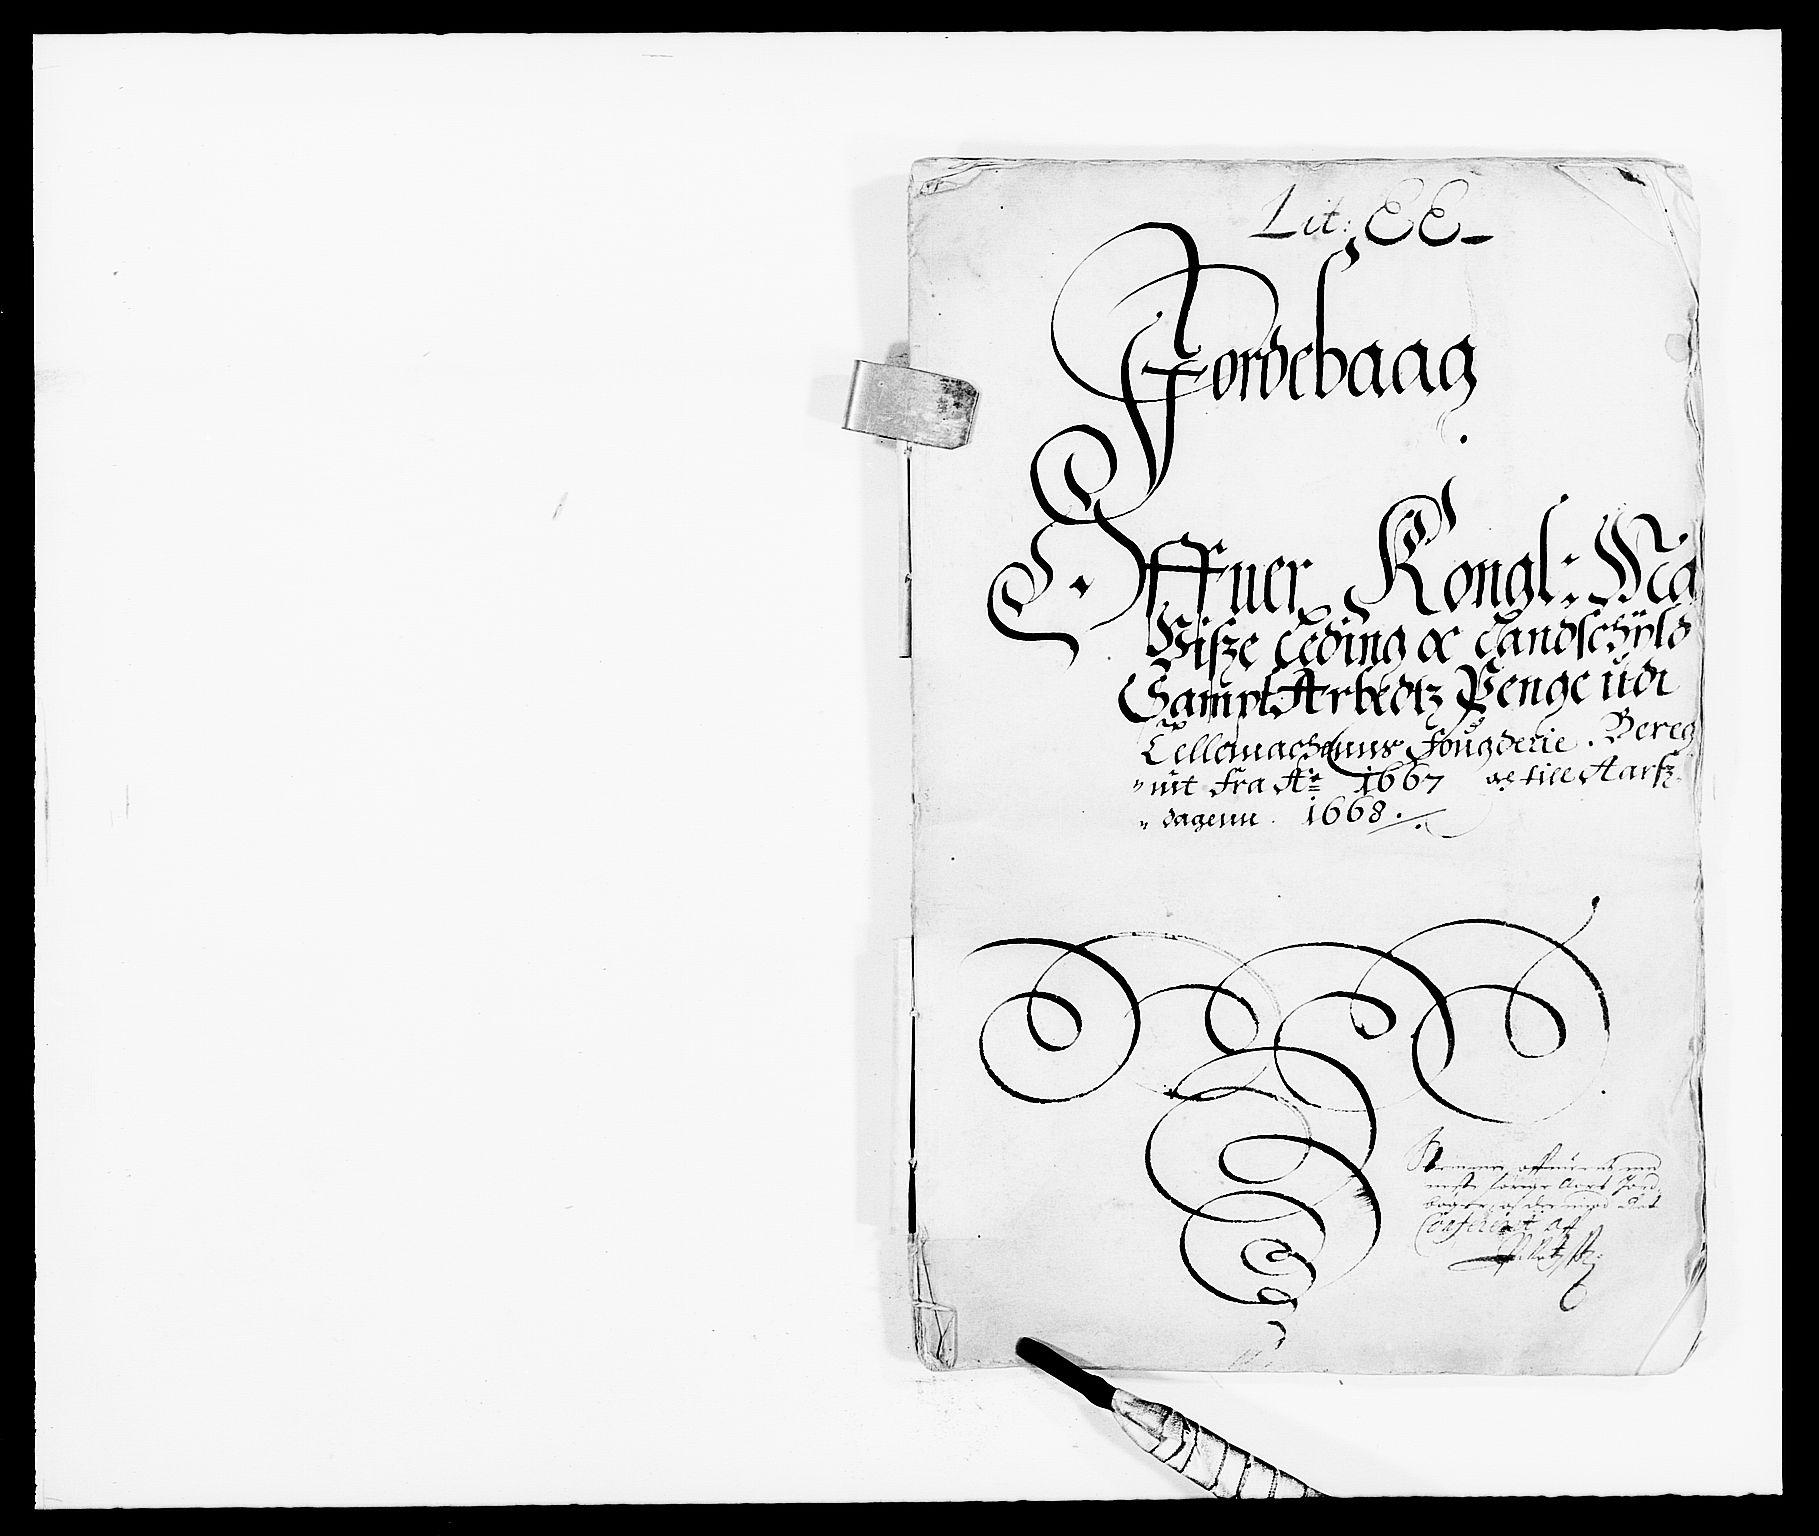 RA, Rentekammeret inntil 1814, Reviderte regnskaper, Fogderegnskap, R35/L2057: Fogderegnskap Øvre og Nedre Telemark, 1666-1667, s. 450